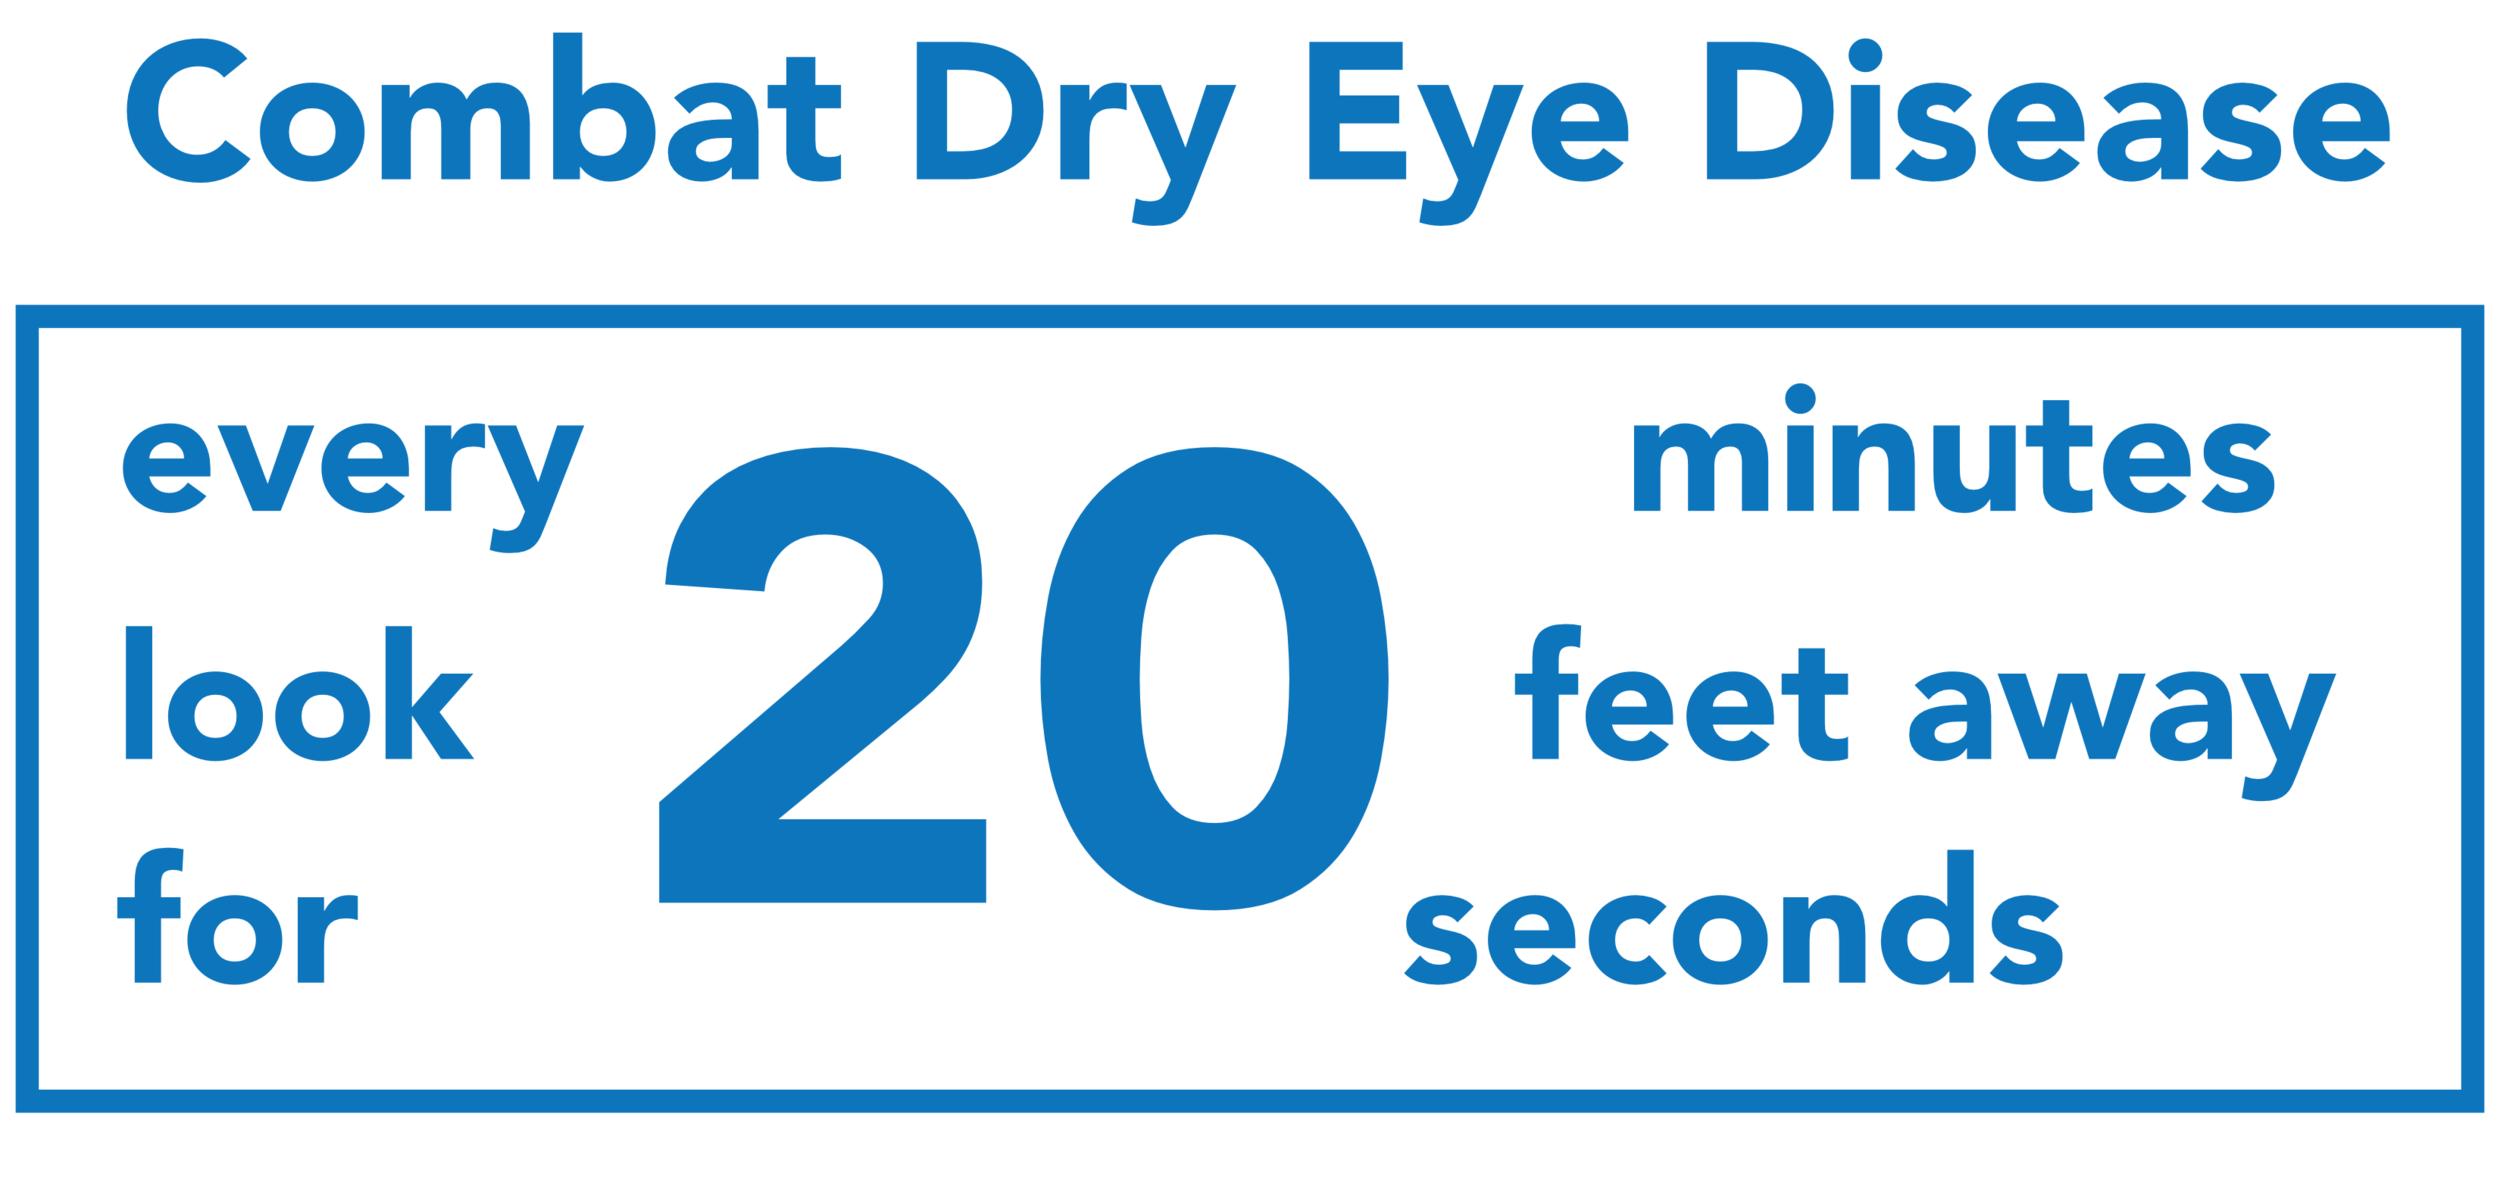 Combat Dry Eye Disease.png